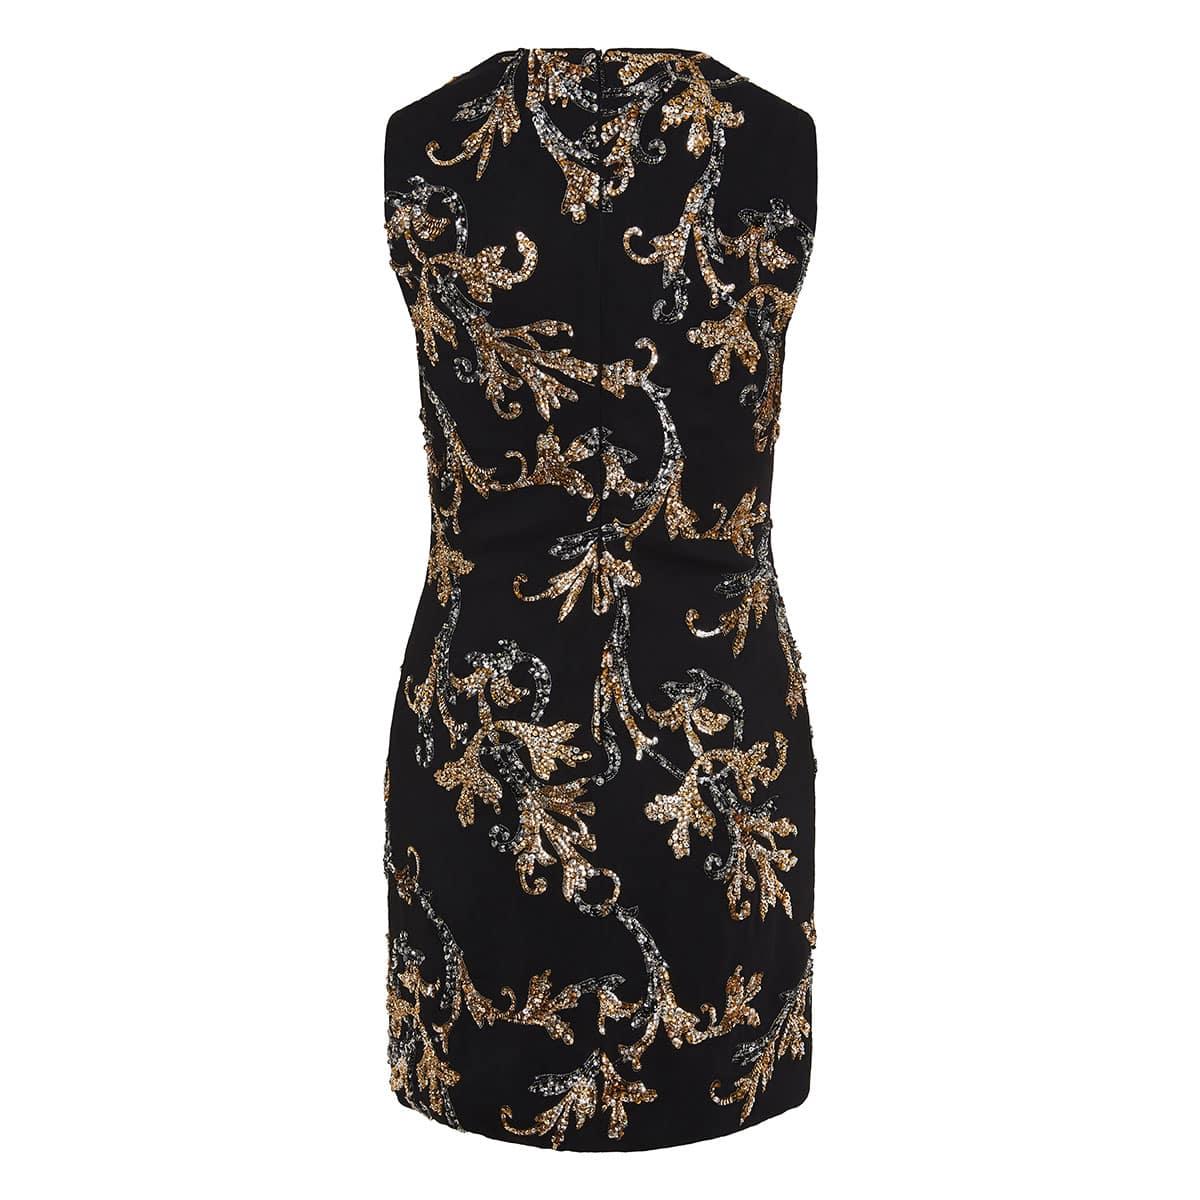 Sequin-embellished mini dress